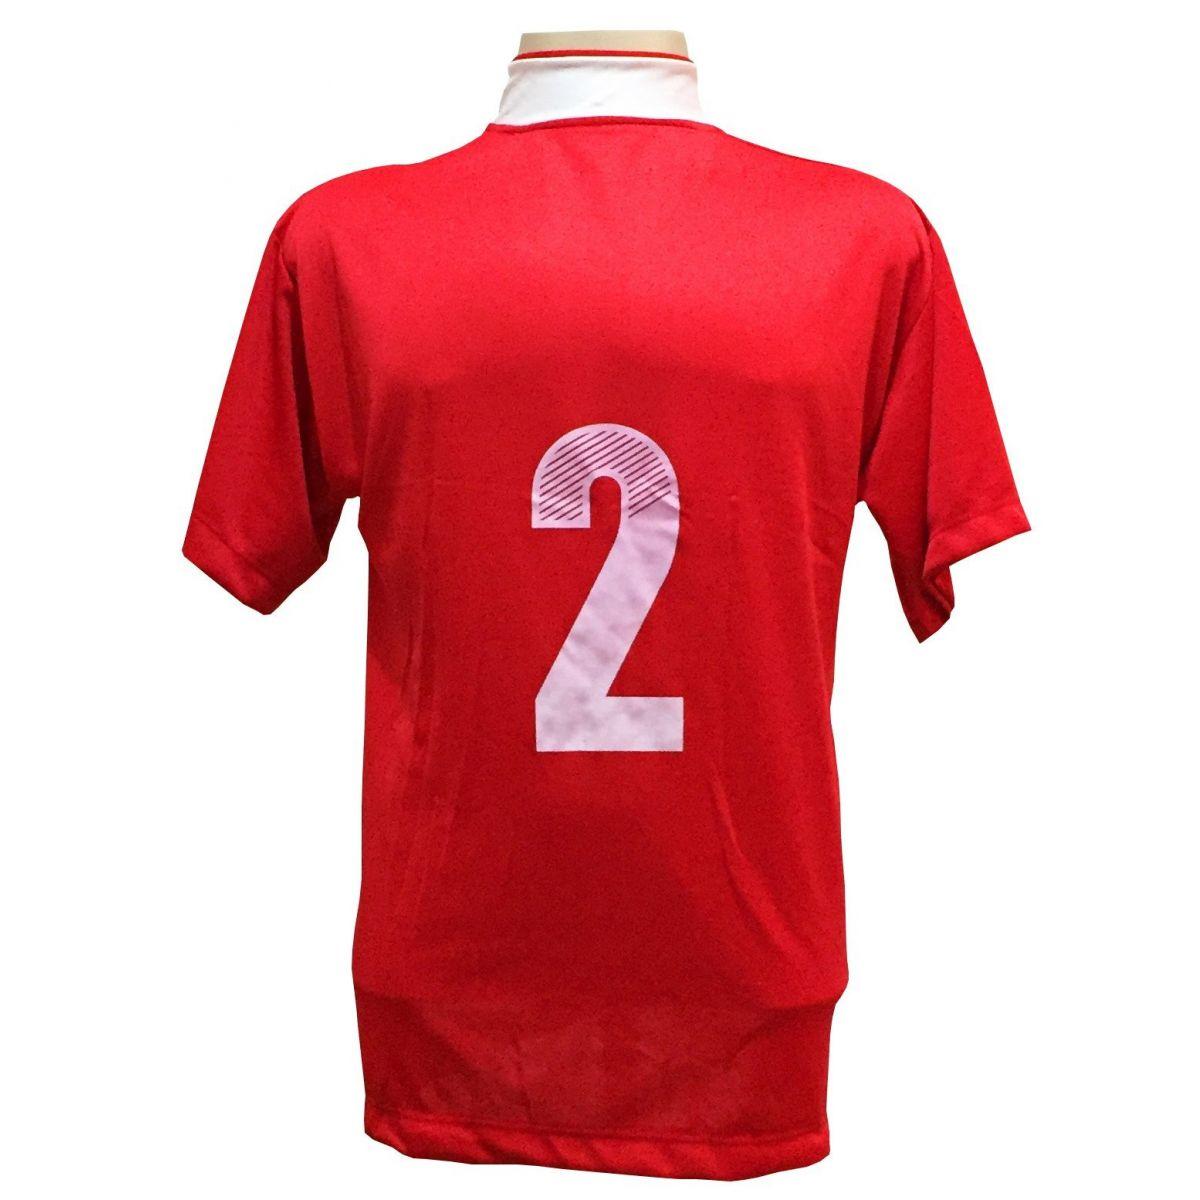 Uniforme Esportivo com 14 Camisas modelo Suécia Vermelho/Branco + 14 Calções modelo Madrid Branco